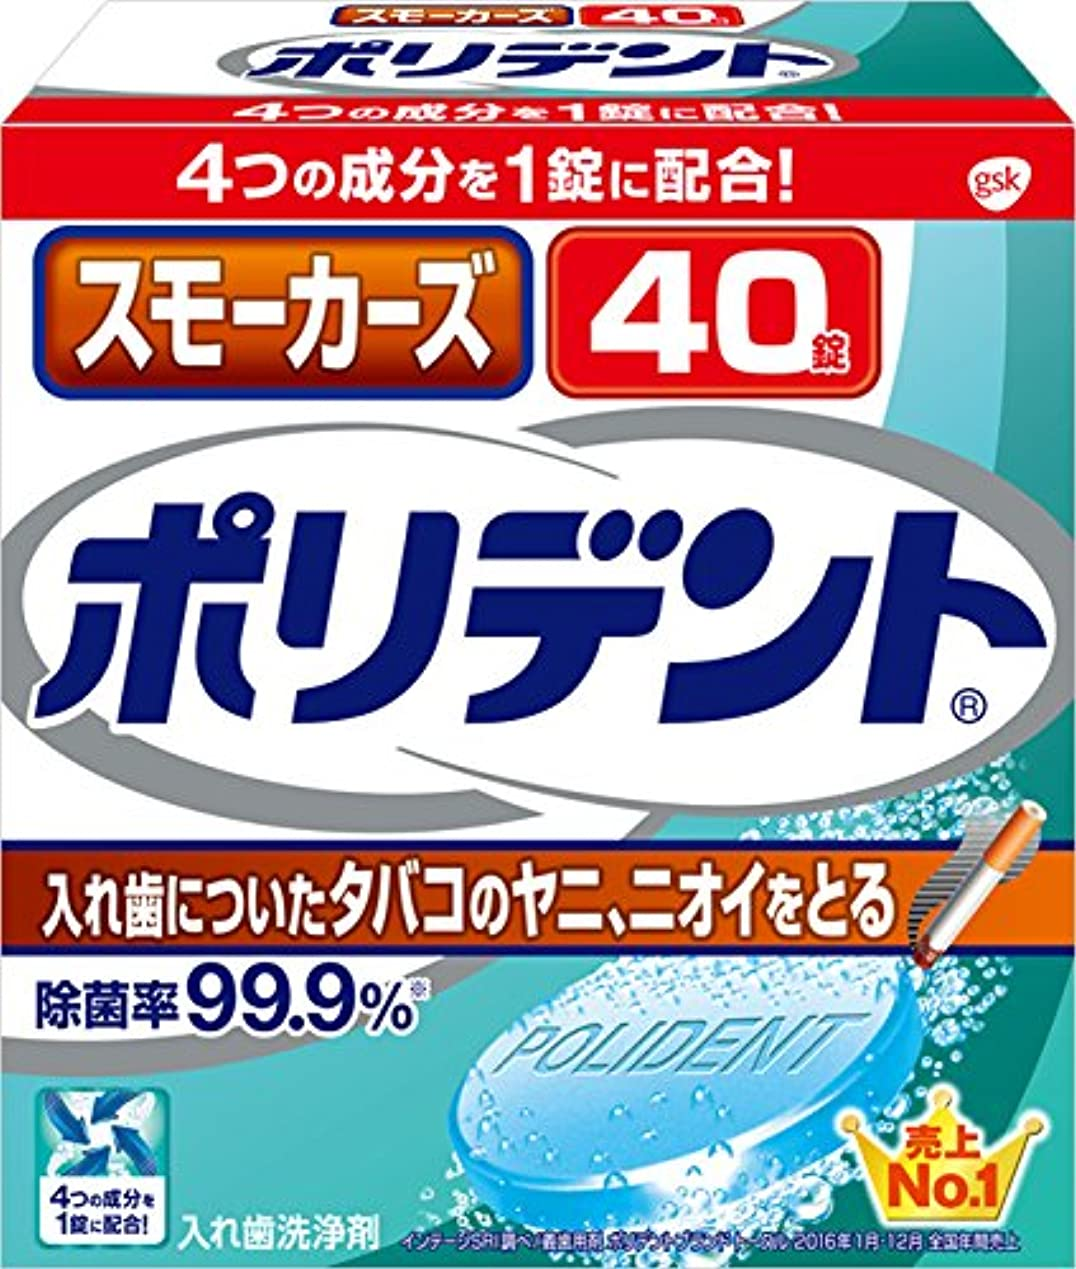 恐れパンサーエキゾチック入れ歯洗浄剤 スモーカーズ ポリデント 40錠